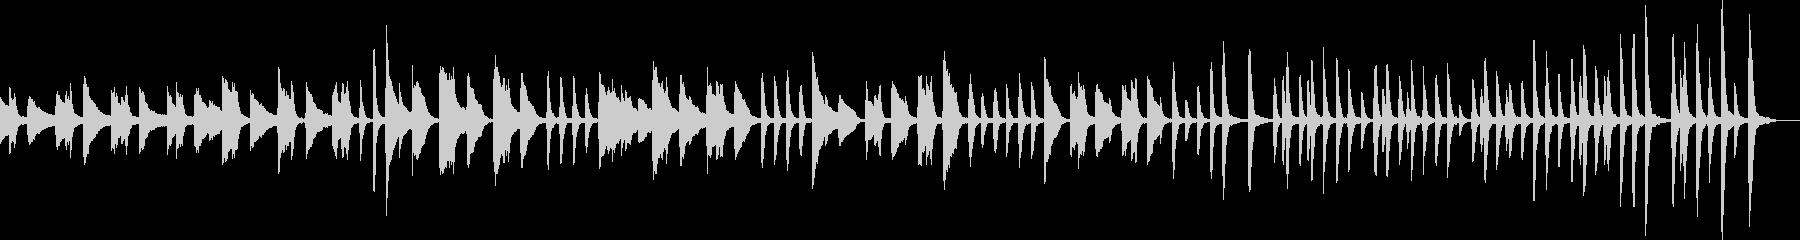 ルンルンなピアノBGMの未再生の波形